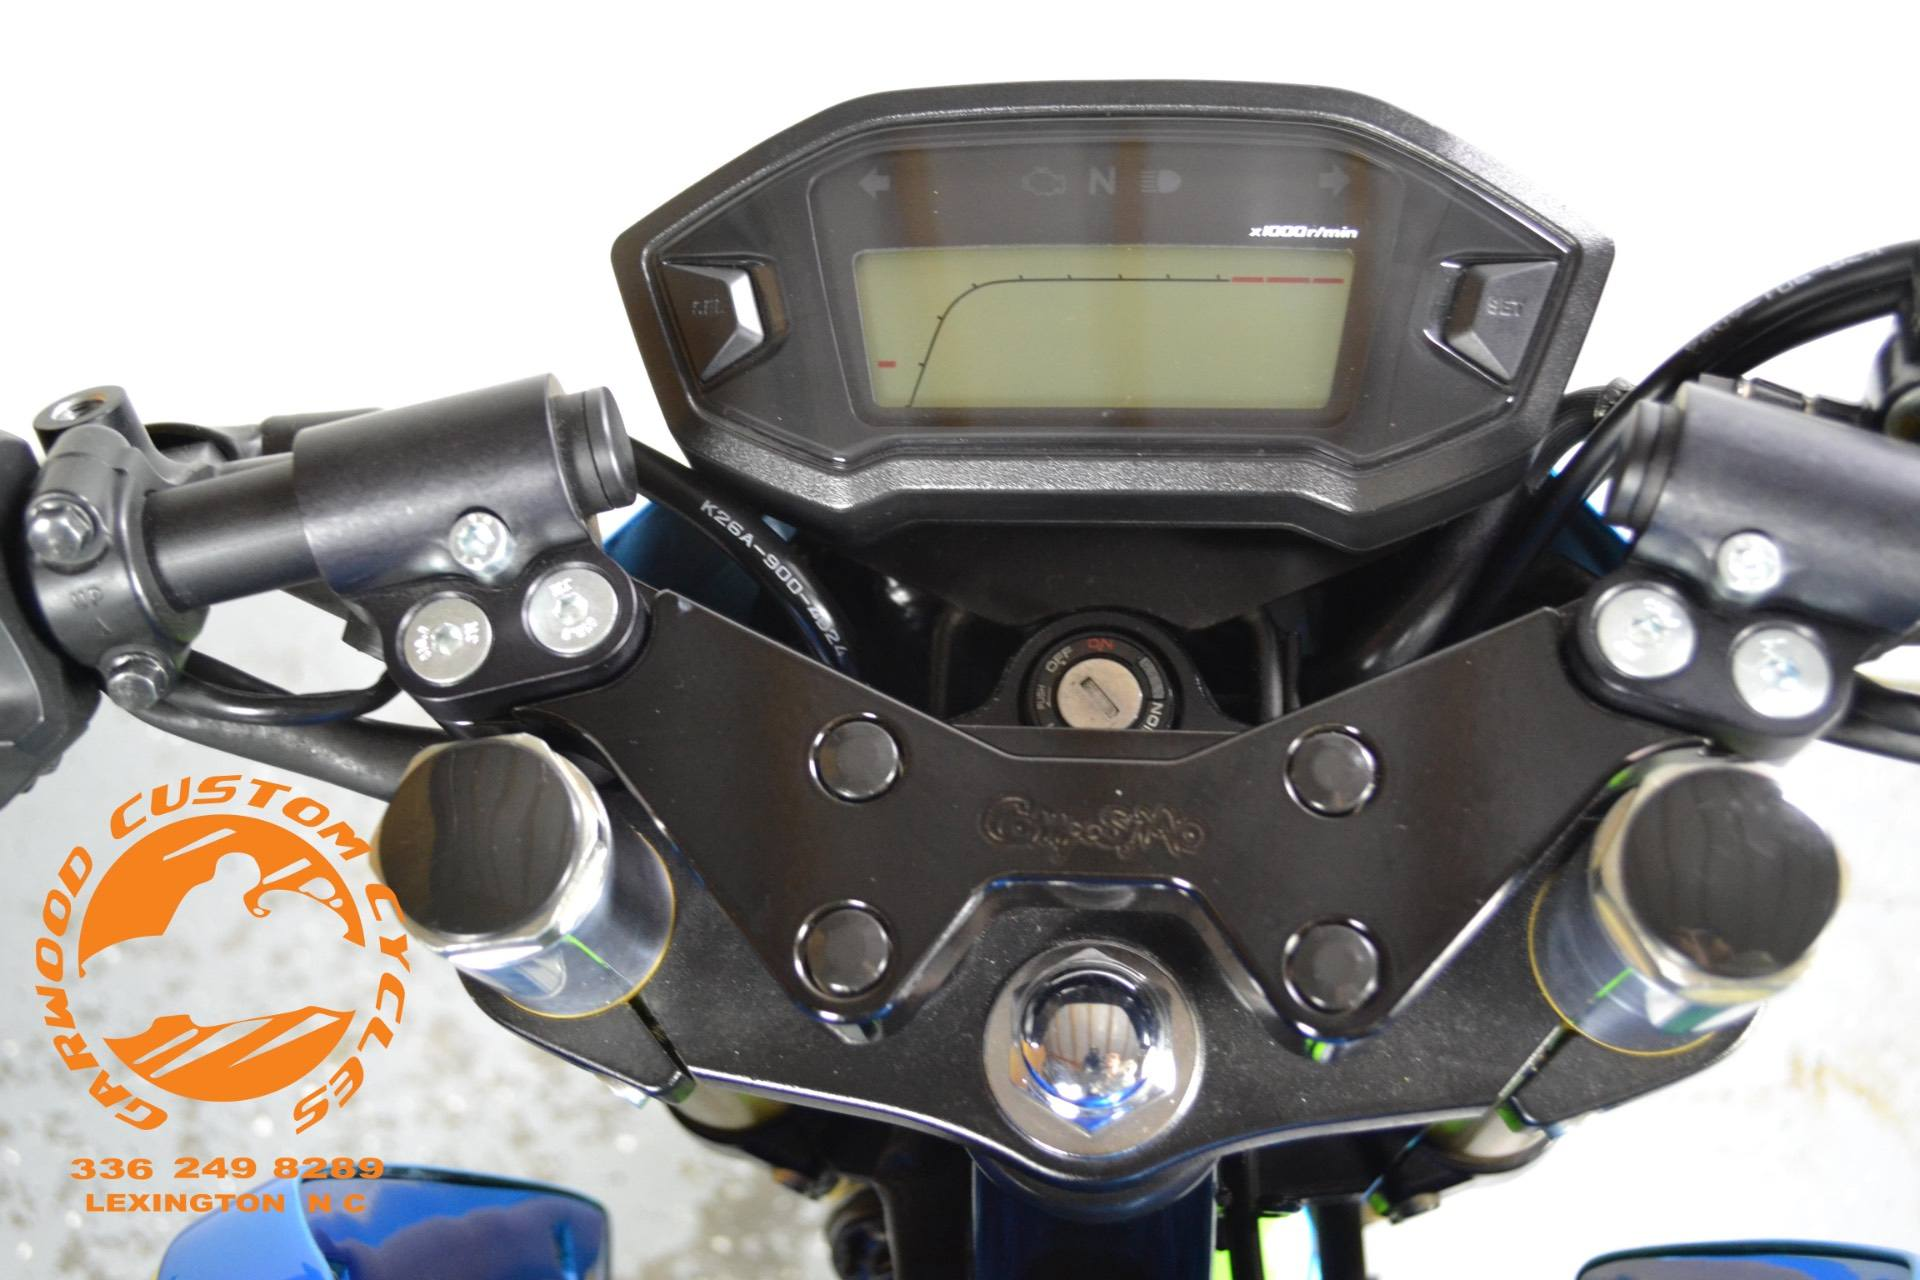 2014 honda grom 125 motorcycles lexington north carolina